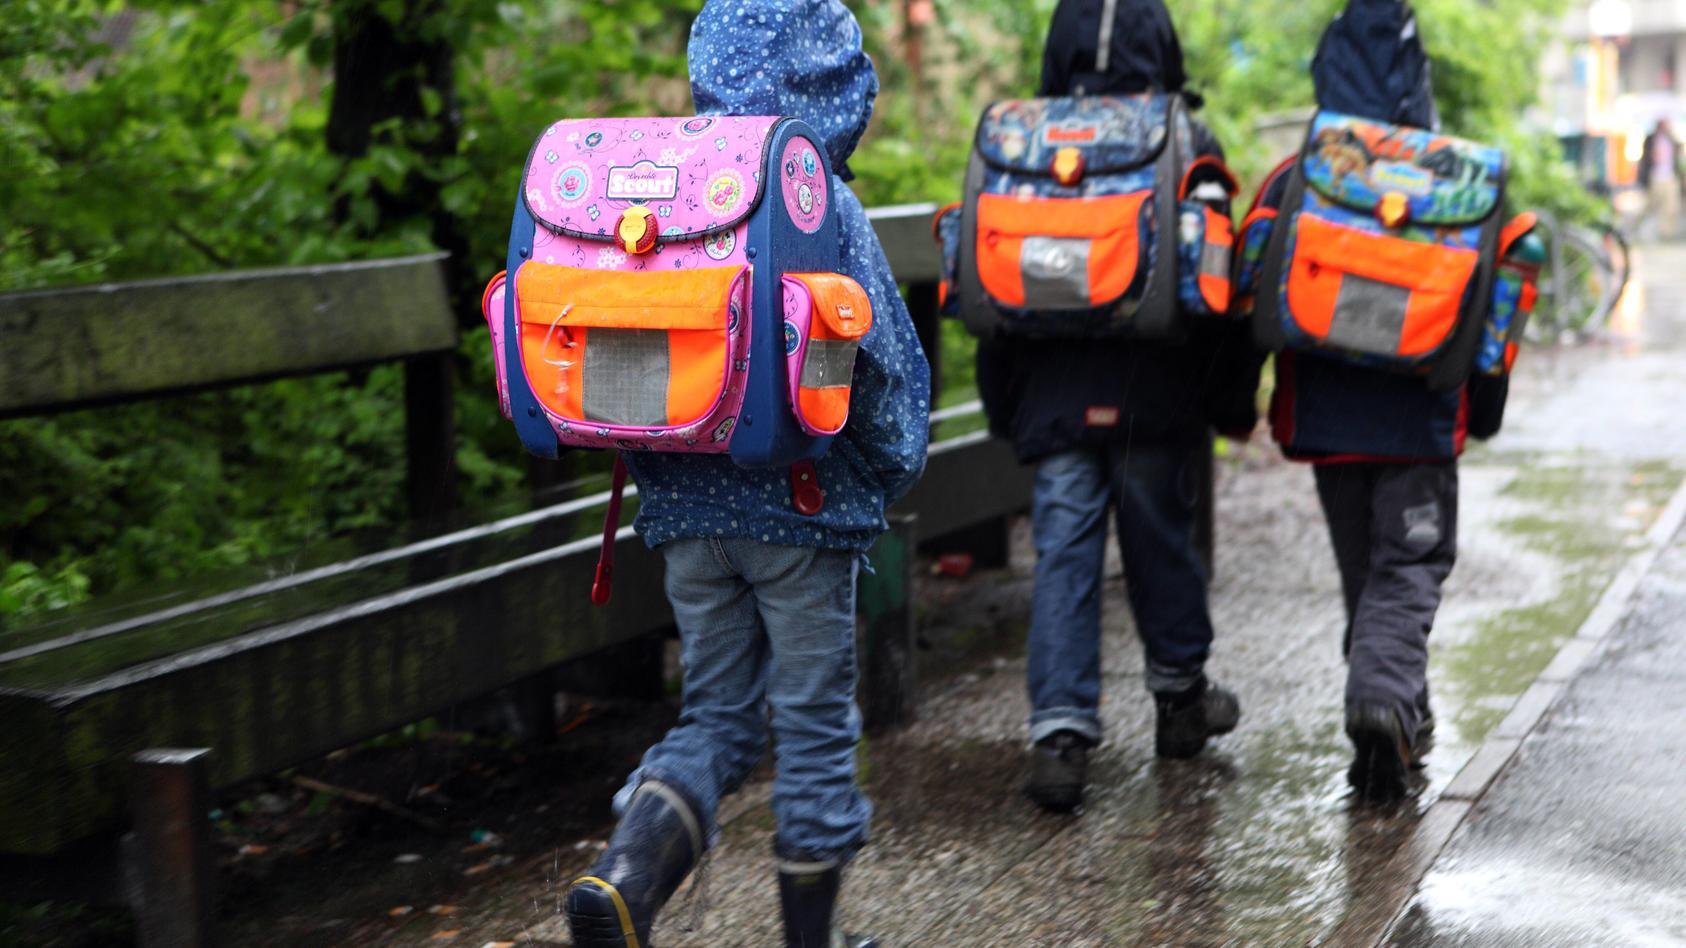 In England machten sich drei Lehrerinnen über eine sechsjährige Schülerin lustig.